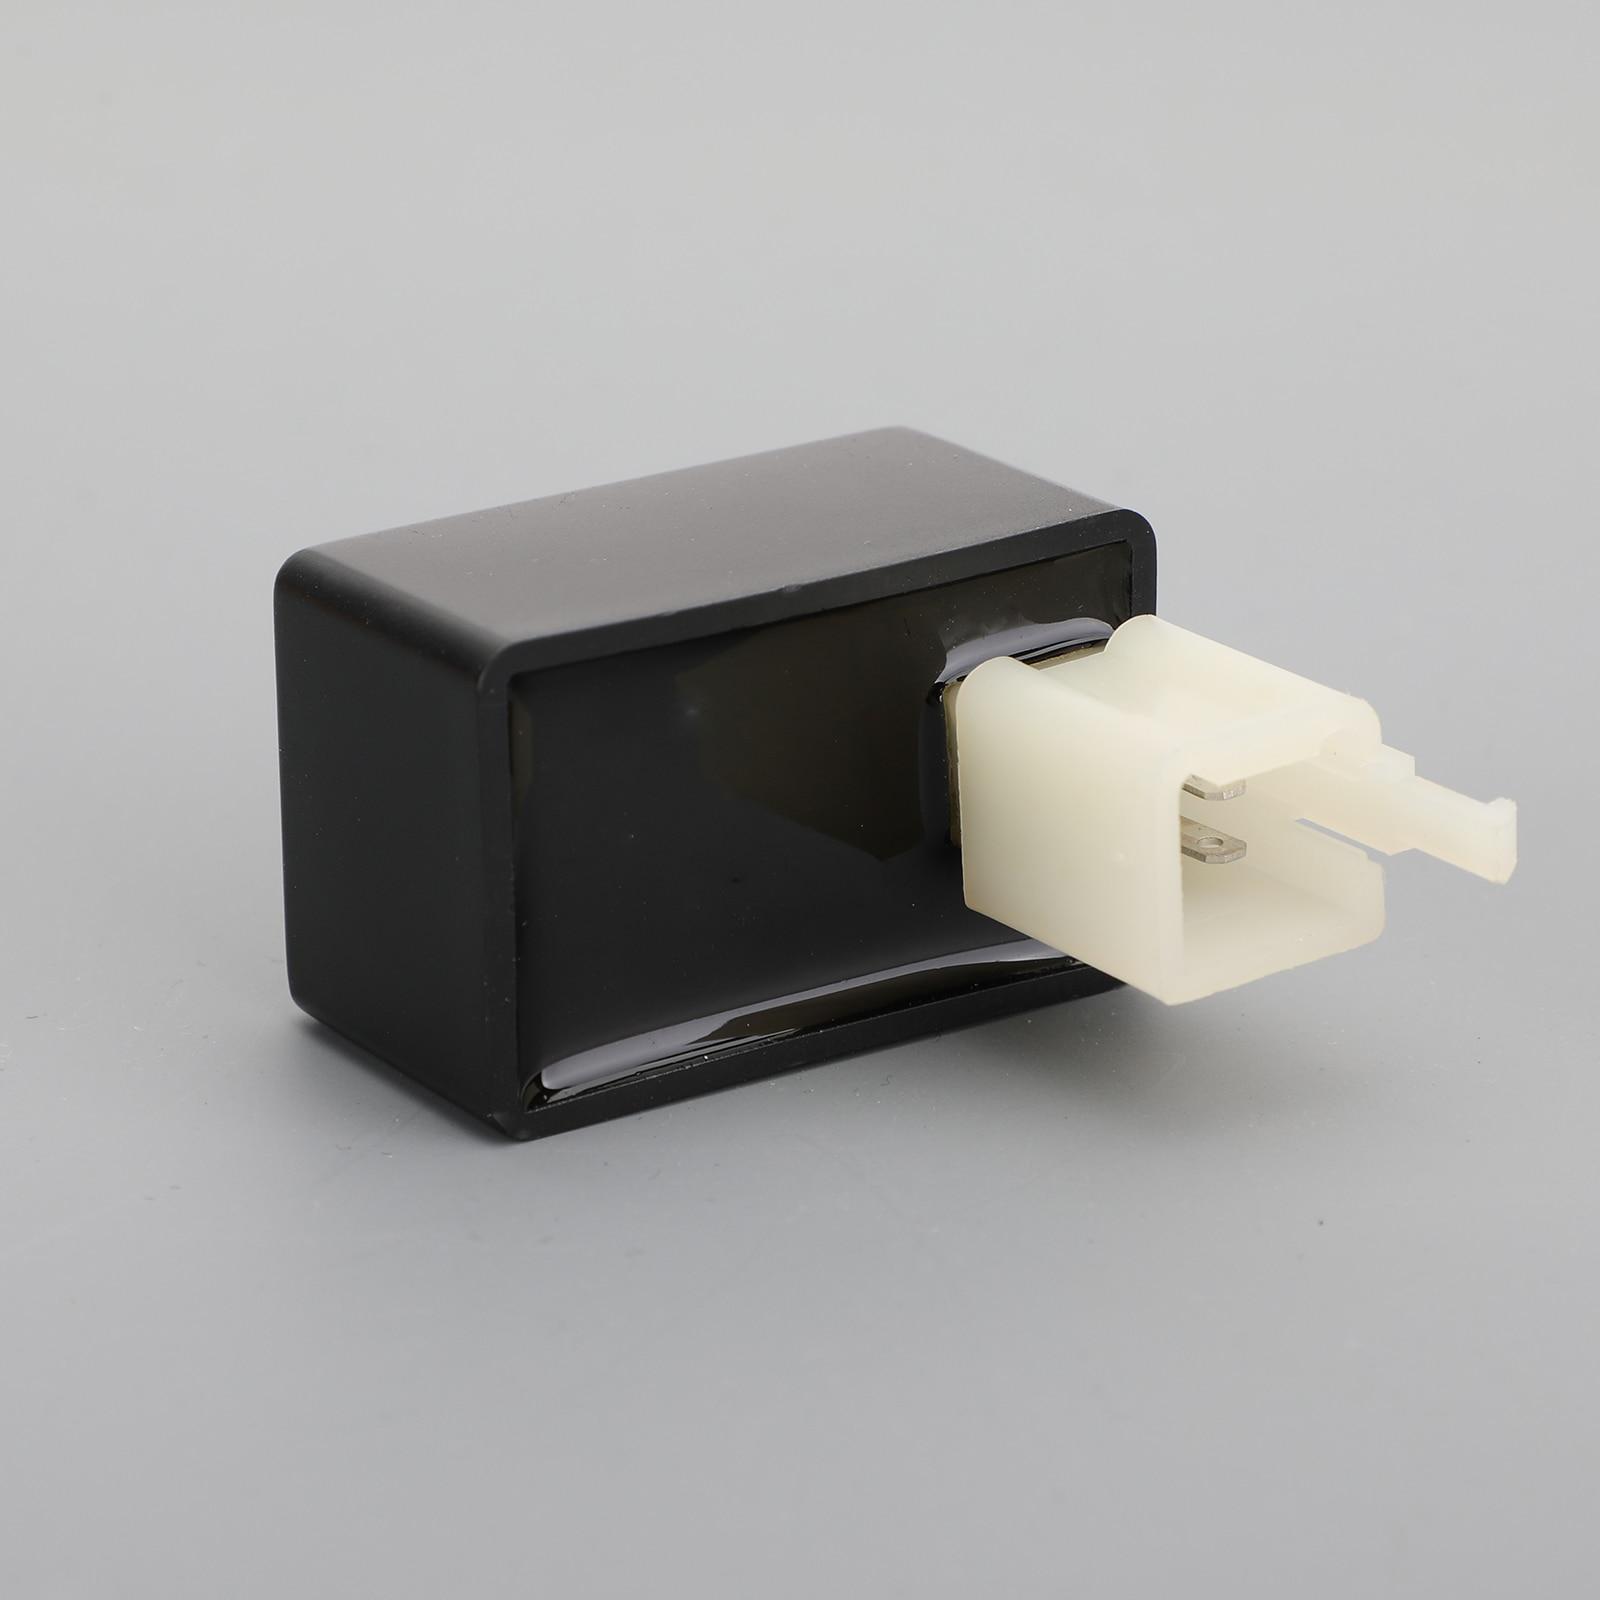 Areyourshop rel/é de corte de combustible para H-O-N-D-A CBR VFR VT NT PC VTX 600 650 750 1100 36100-MN4-008